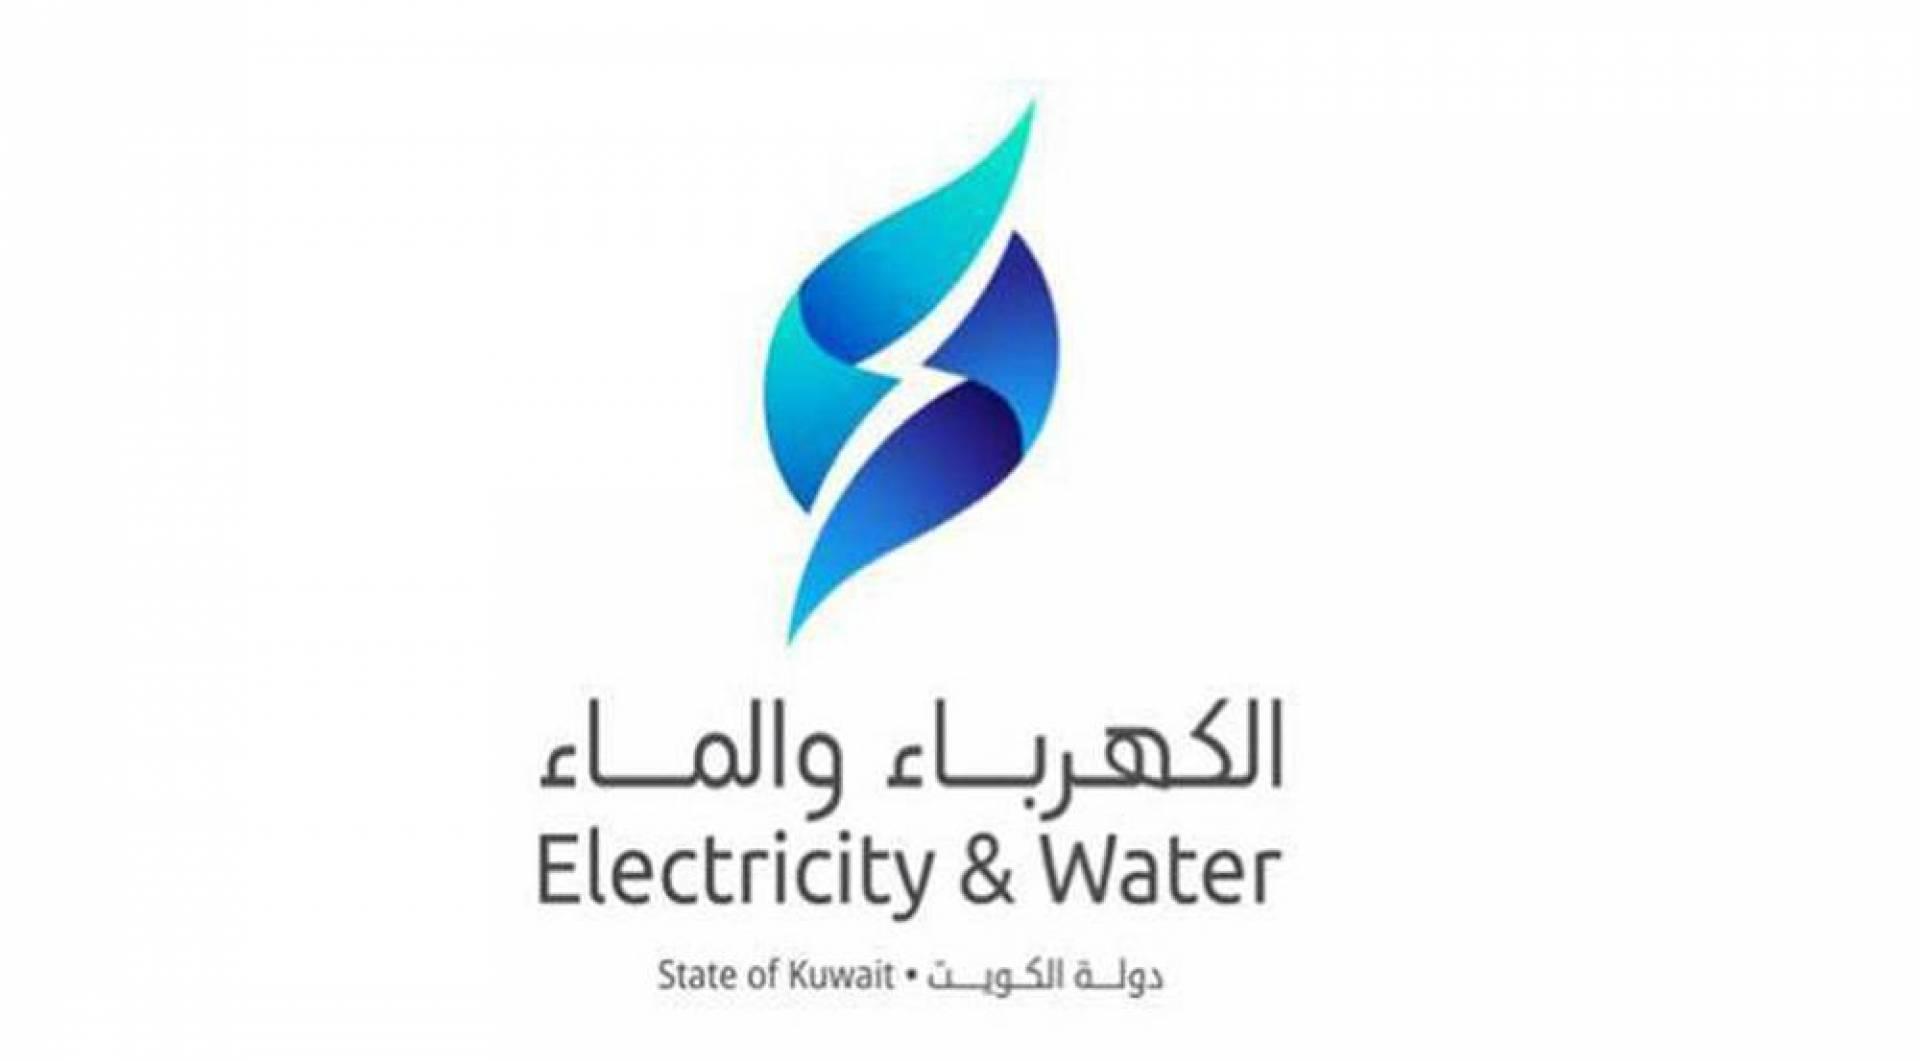 «الكهرباء» تبدأ في تطبيق برنامج الحوافز للعملاء المرشدين